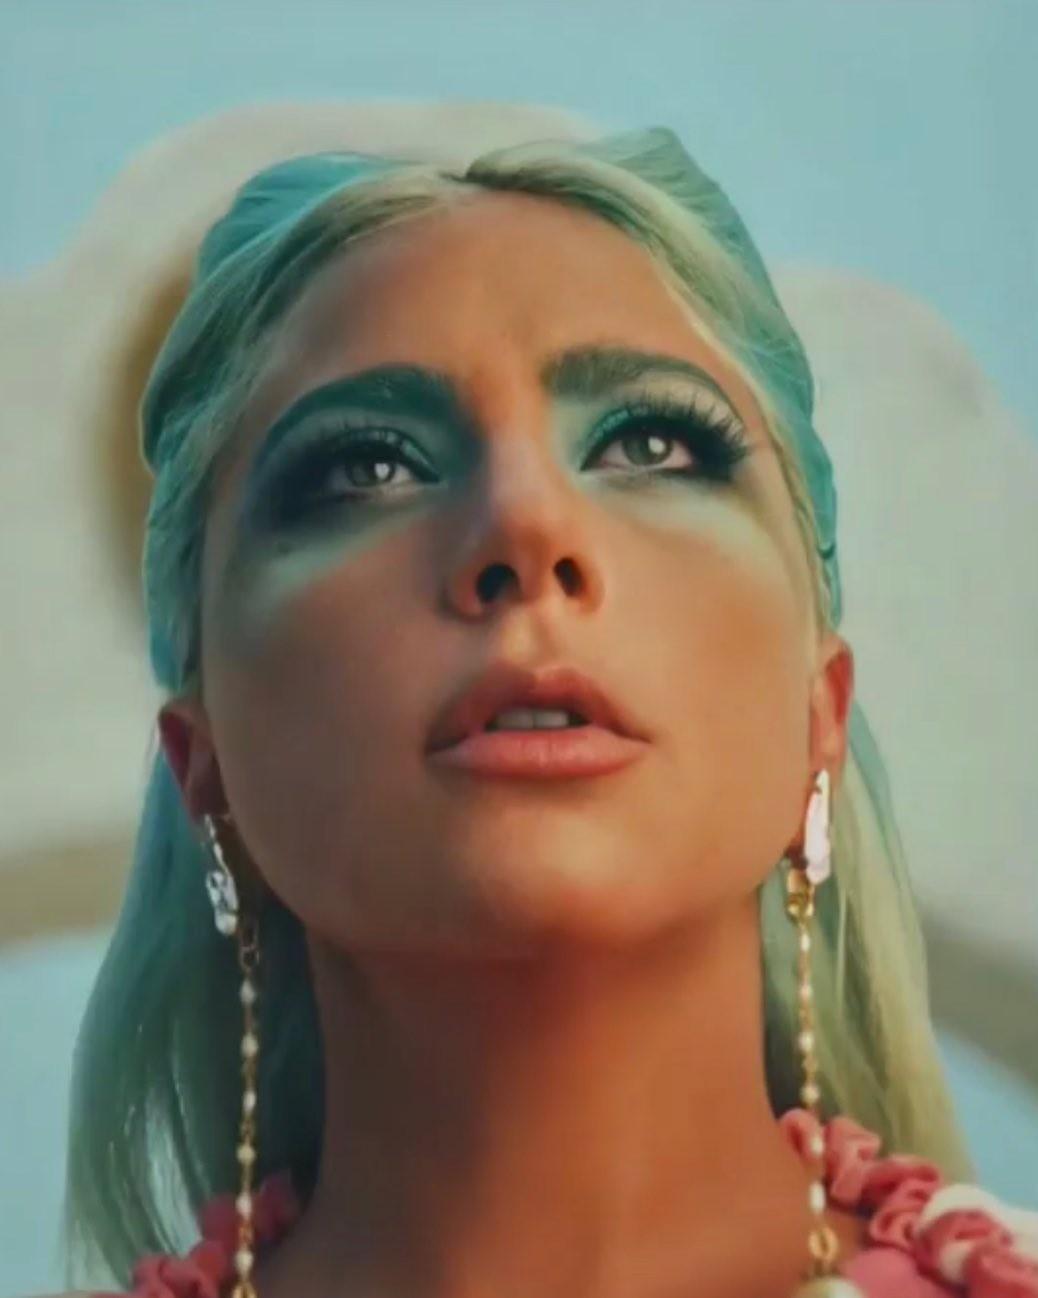 Эксцентричная королева: макияж с узорами на лице Леди Гаги привёл поклонников в неописуемый восторг